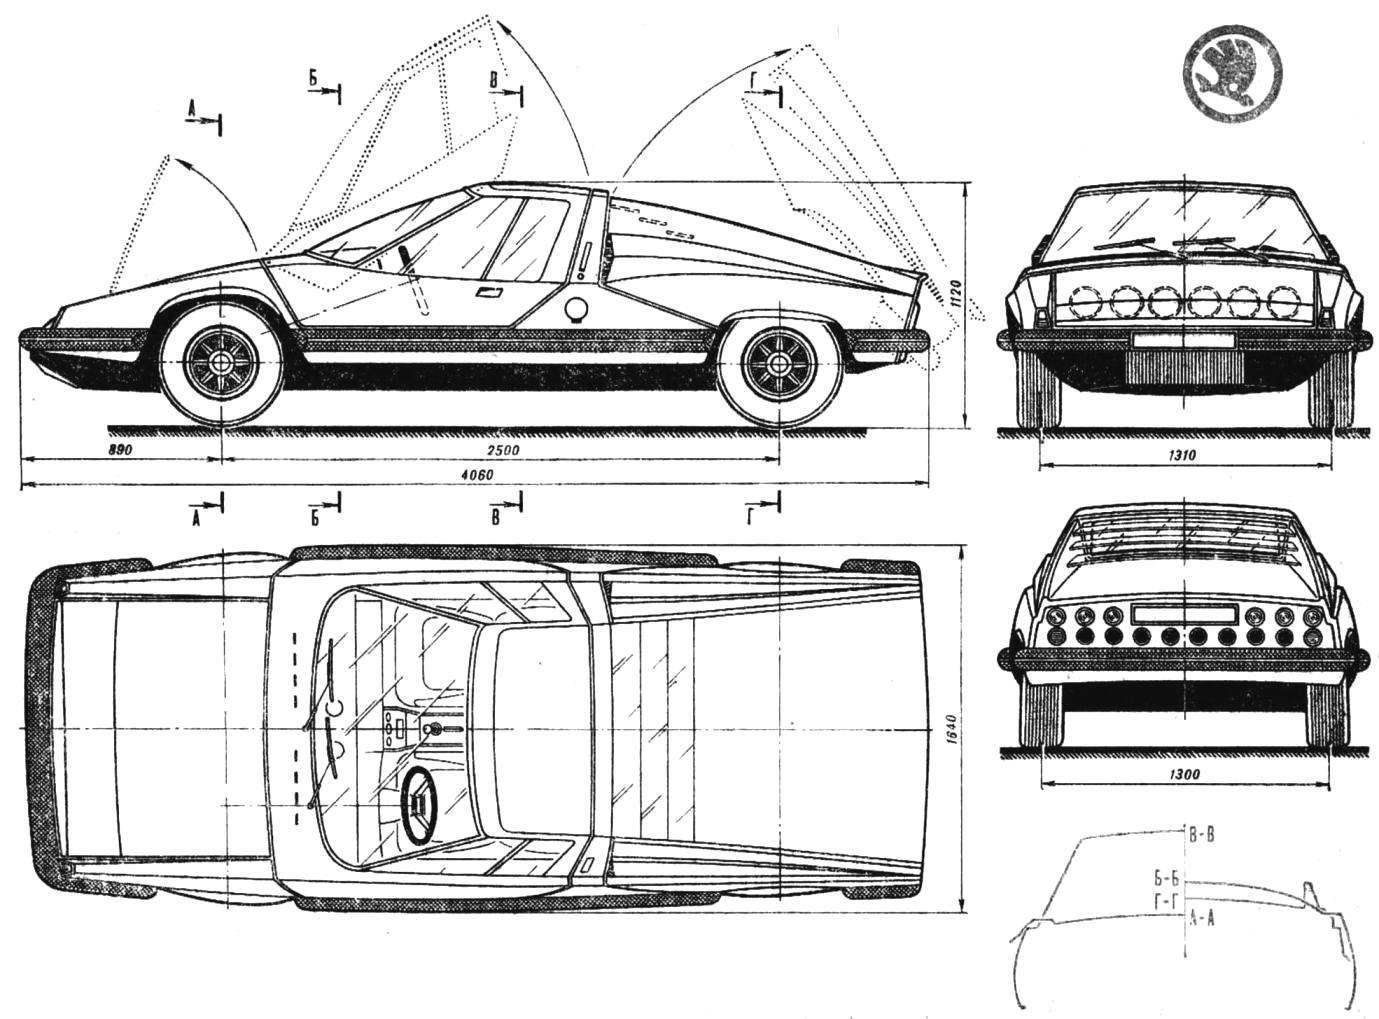 Рис. 1. Двухместный спортивный автомобиль «Шкода-супер спорт».